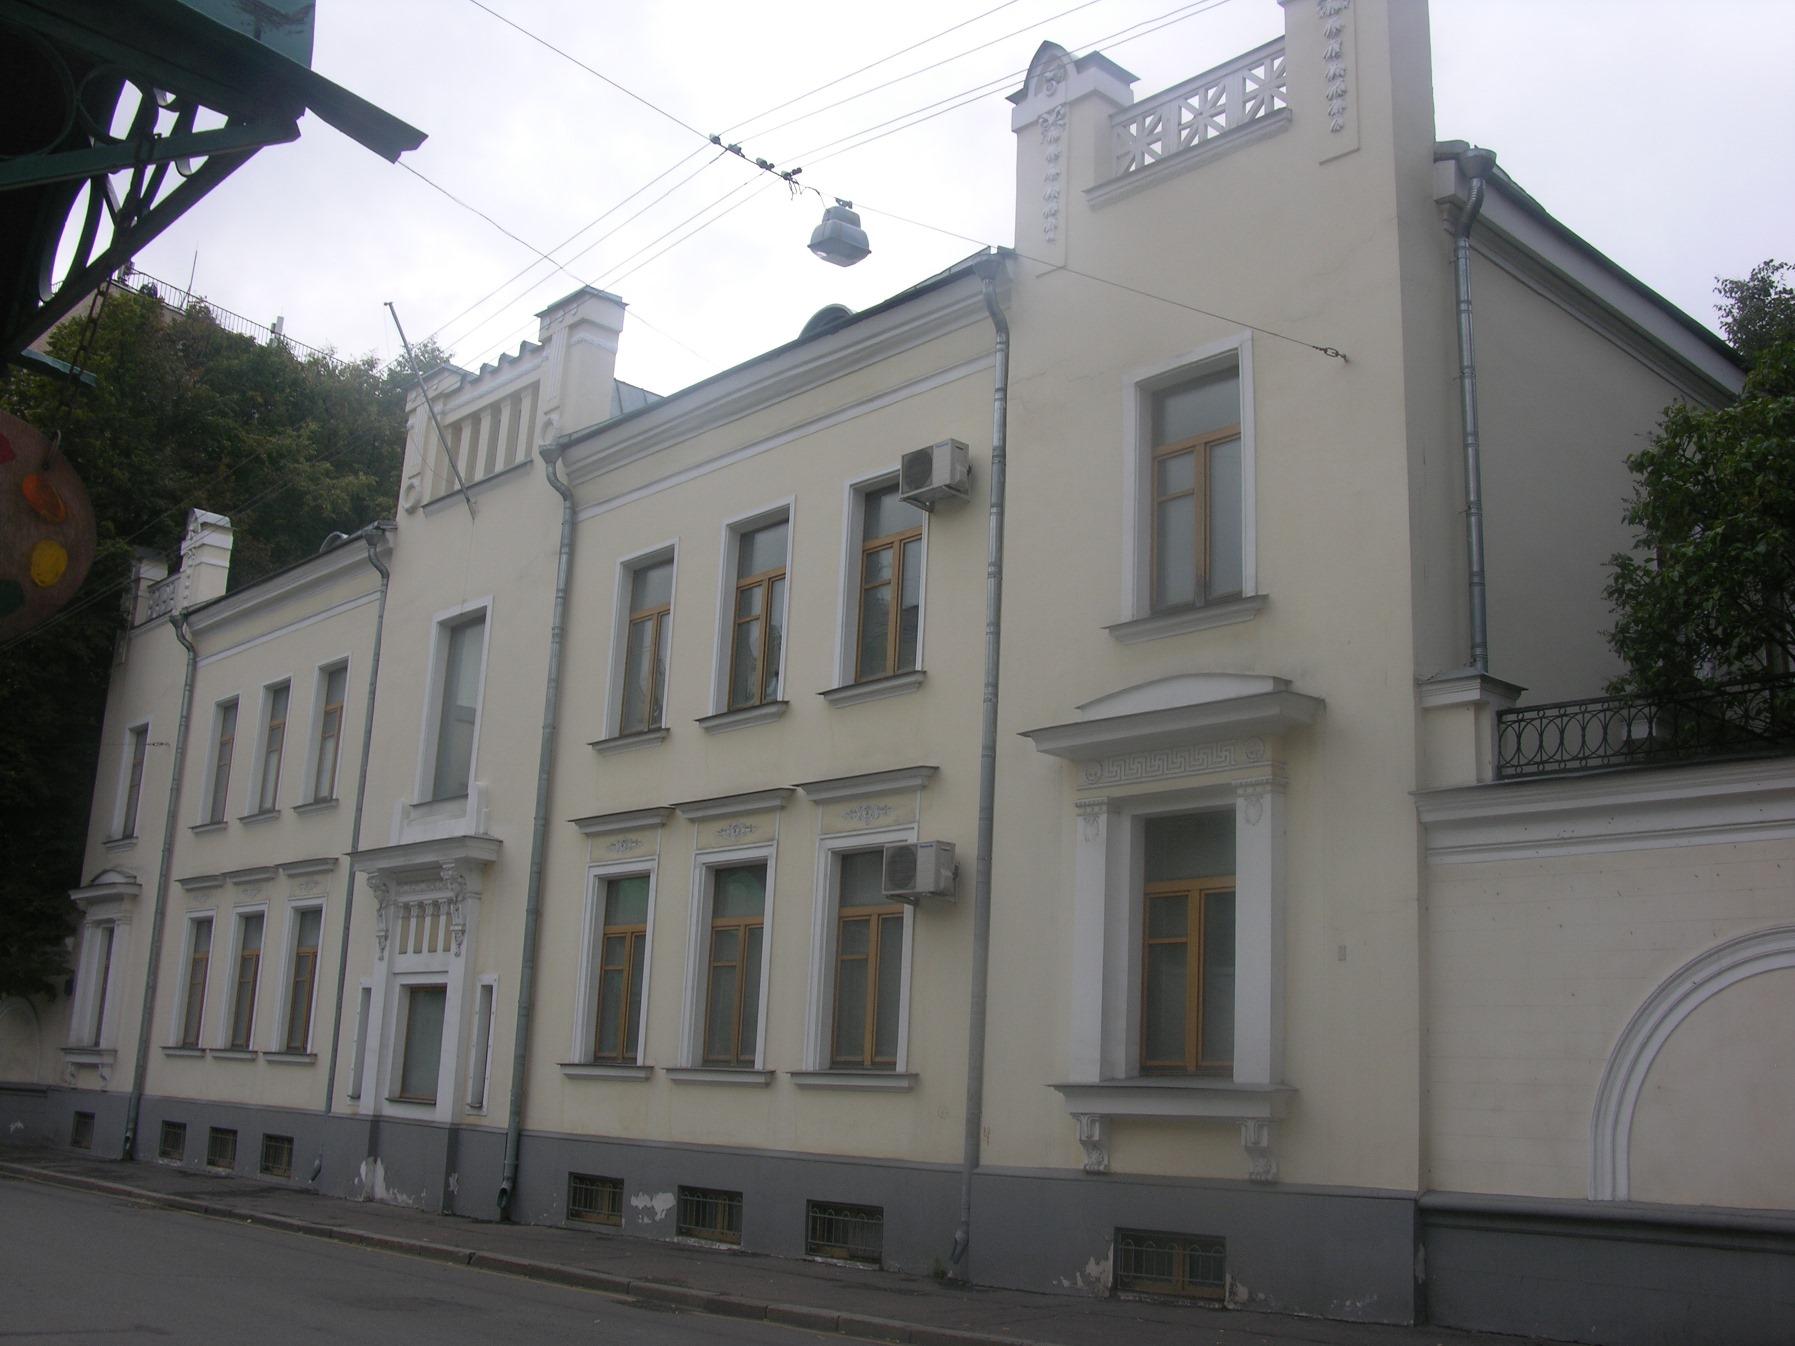 Документы для кредита в москве Мансуровский переулок документы для кредита Богданова улица